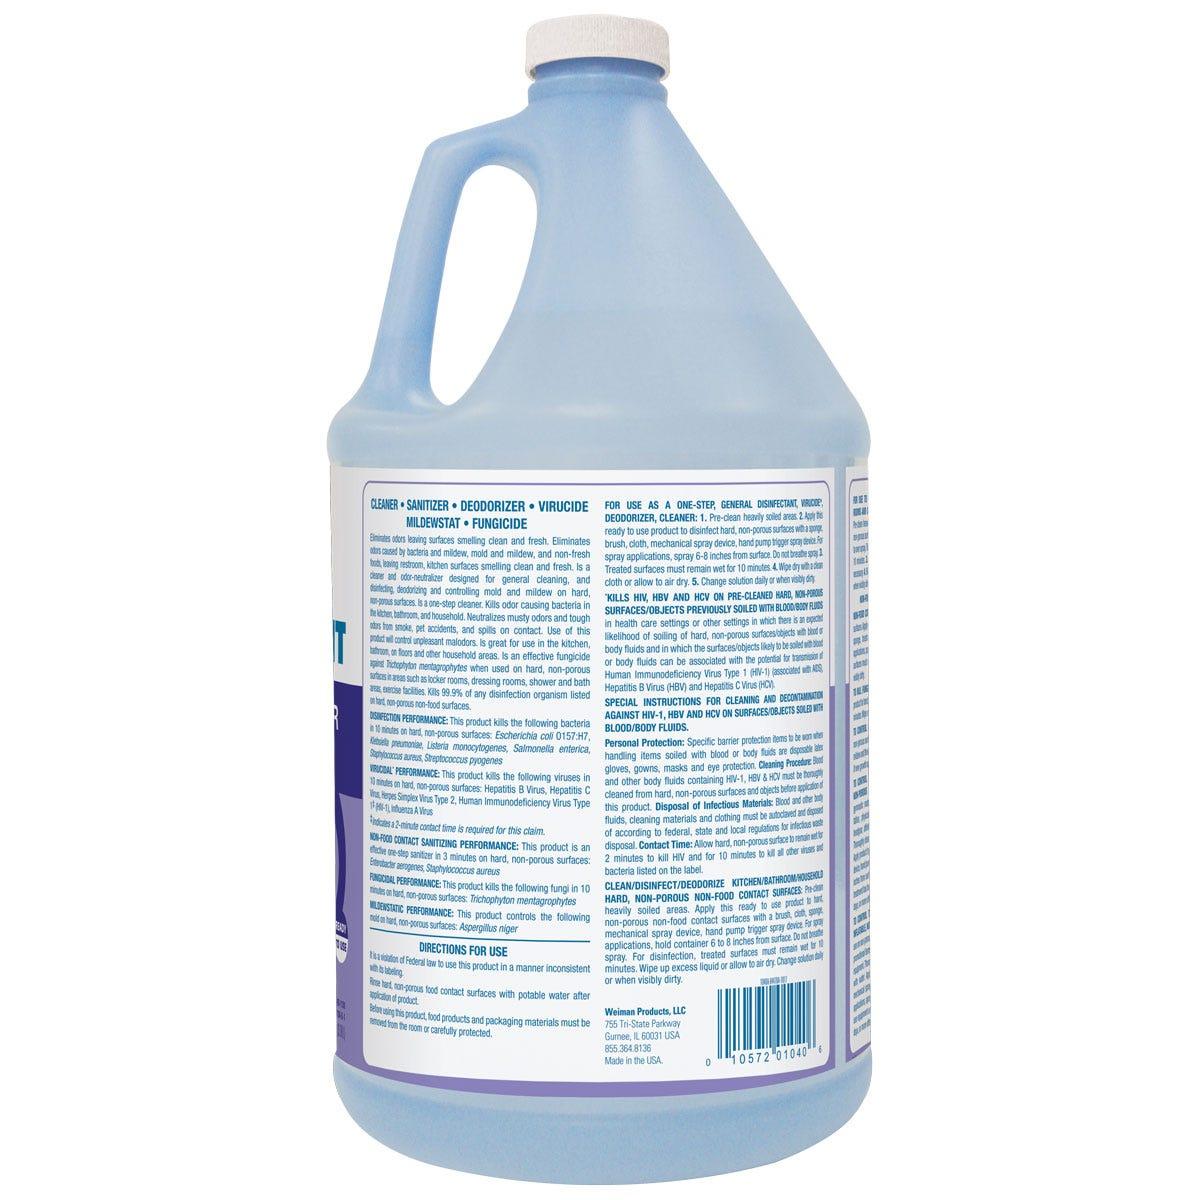 https://googone.com/media/catalog/product/l/a/lavender-disinfectant-odor-eliminator_back.jpg